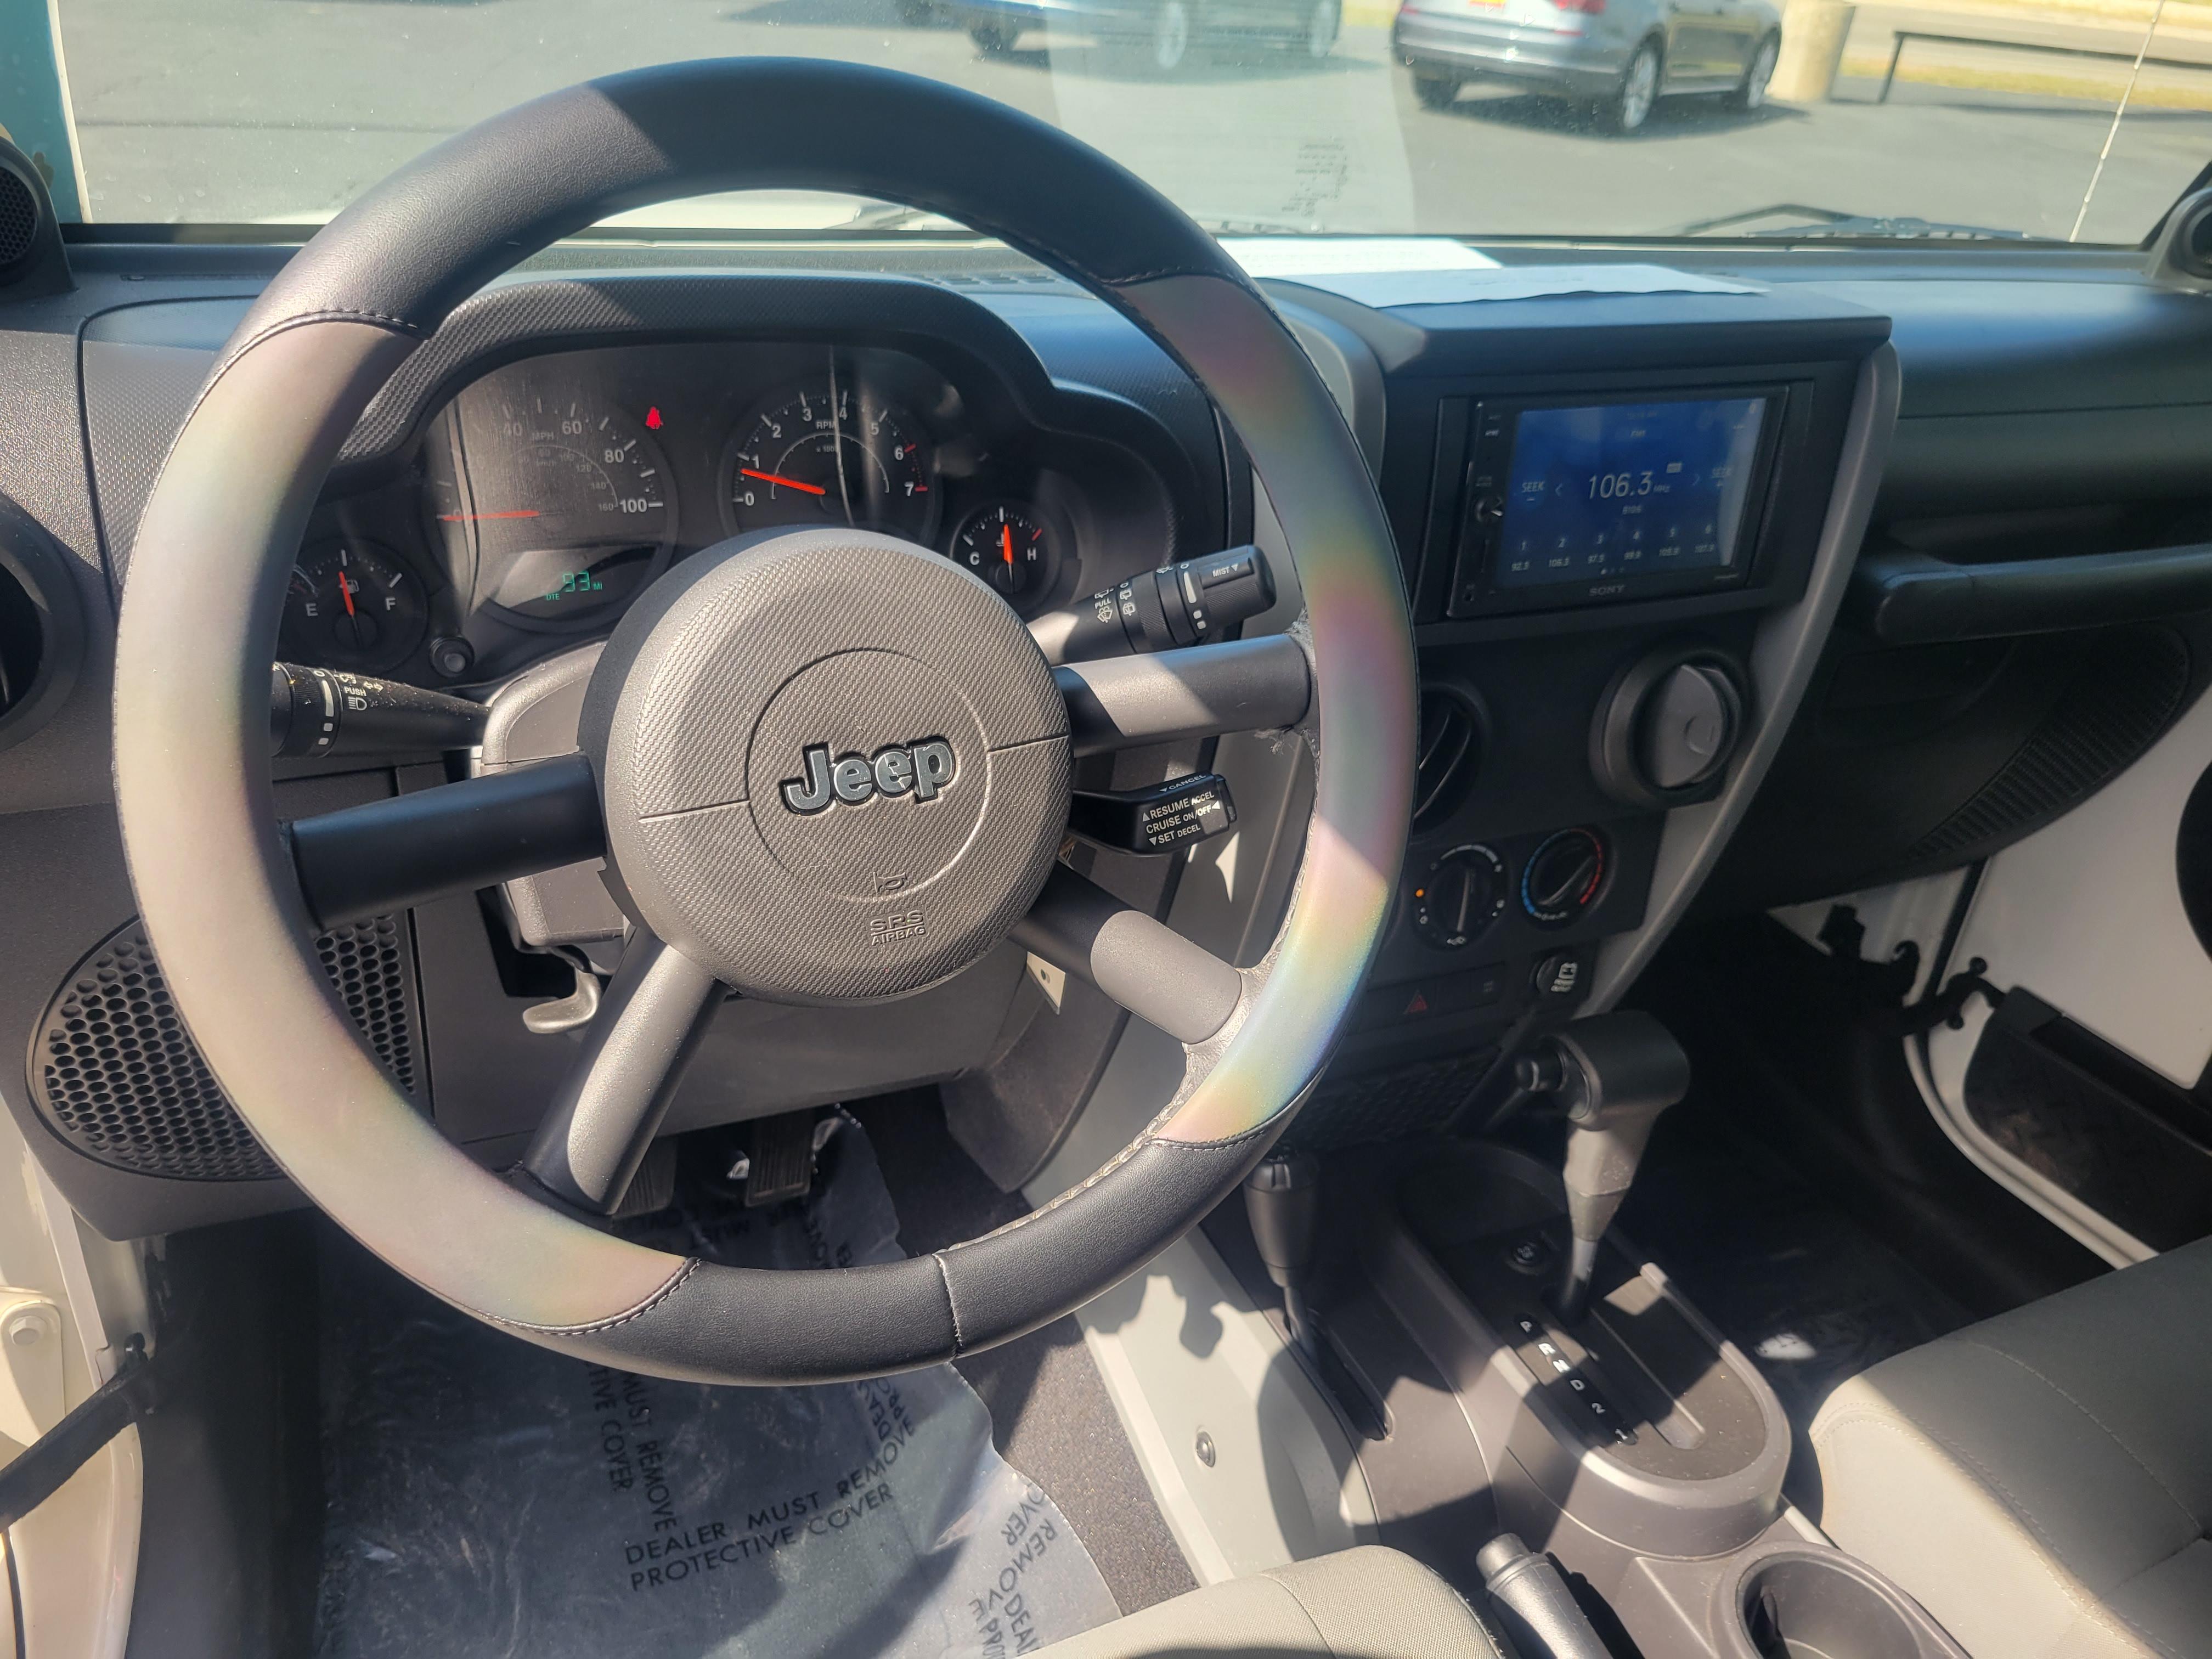 used vehicle - SUV JEEP WRANGLER 2009